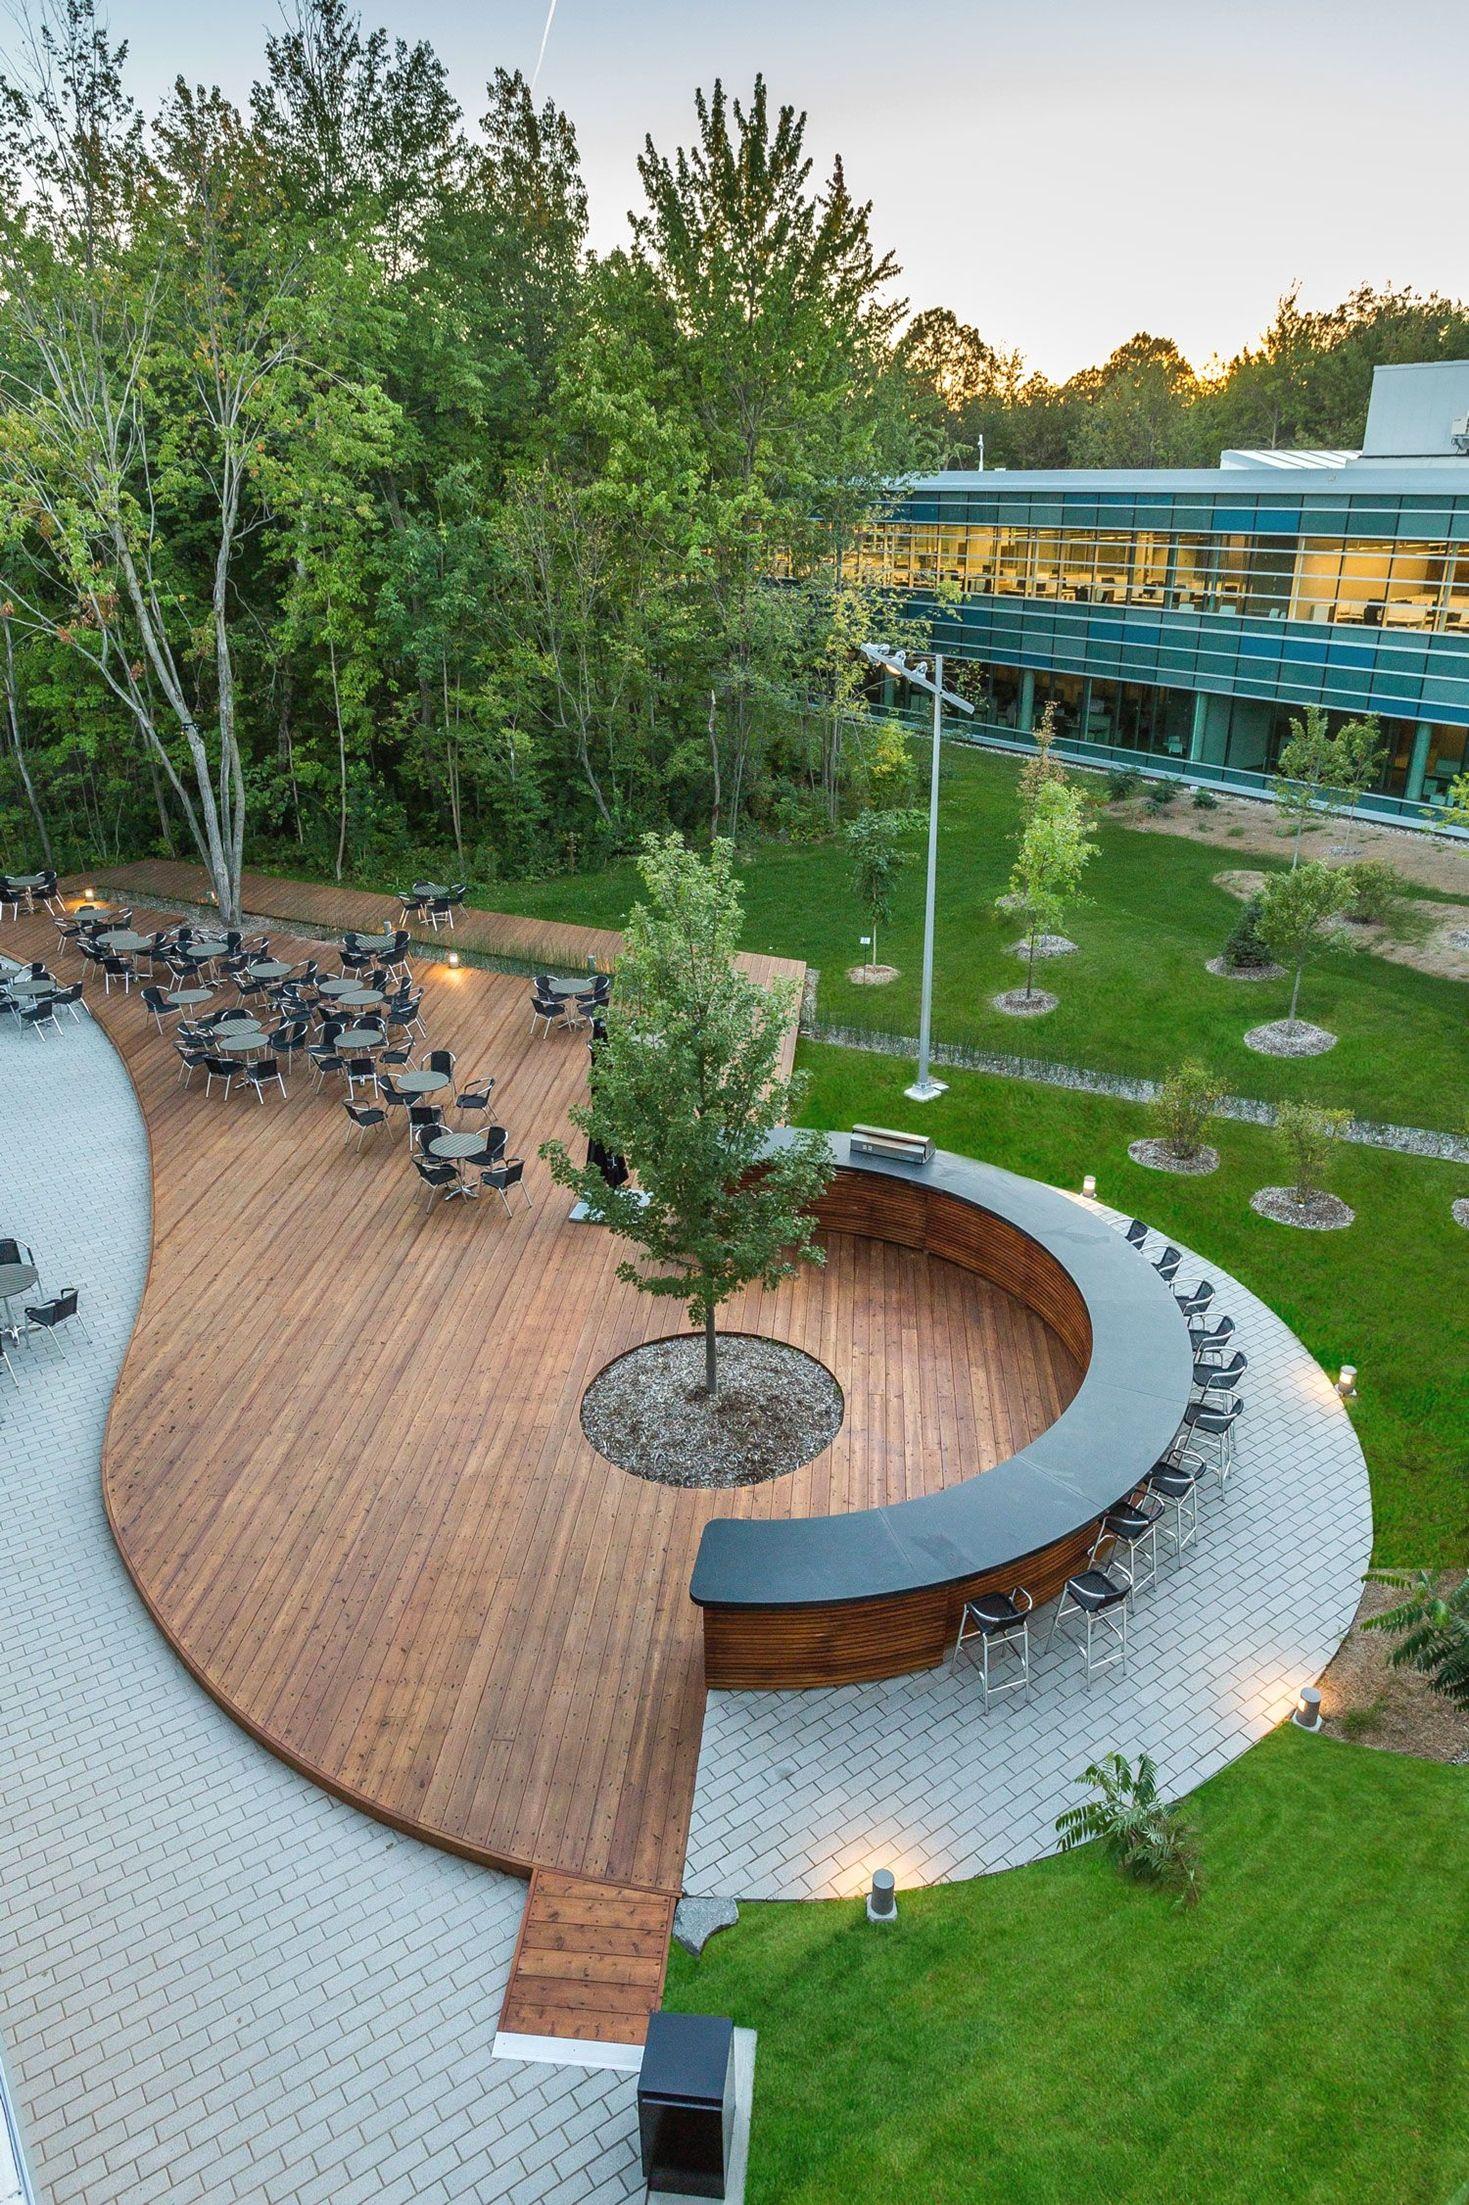 landscape design online program #landscapingarchitecture - Landscape Design Online Program #landscapingarchitecture